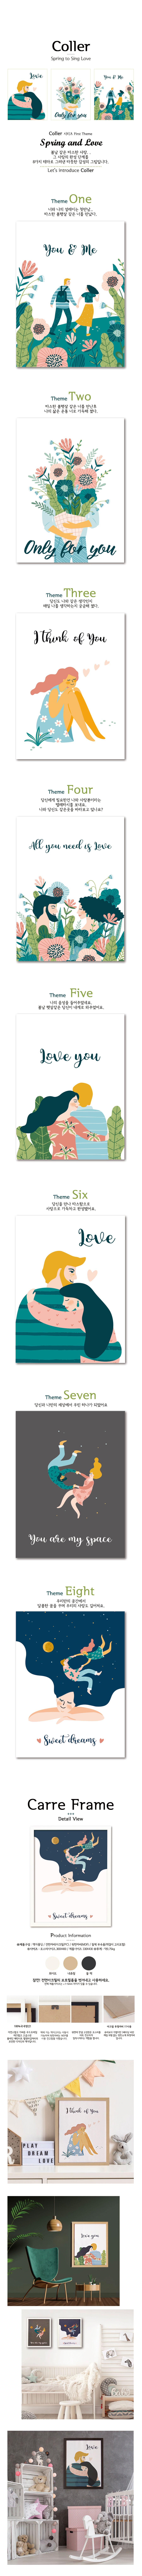 꼬레 그림 포스터 액자 인테리어 카페 집들이 선물 - 꼬메모이, 23,900원, 홈갤러리, 포스터